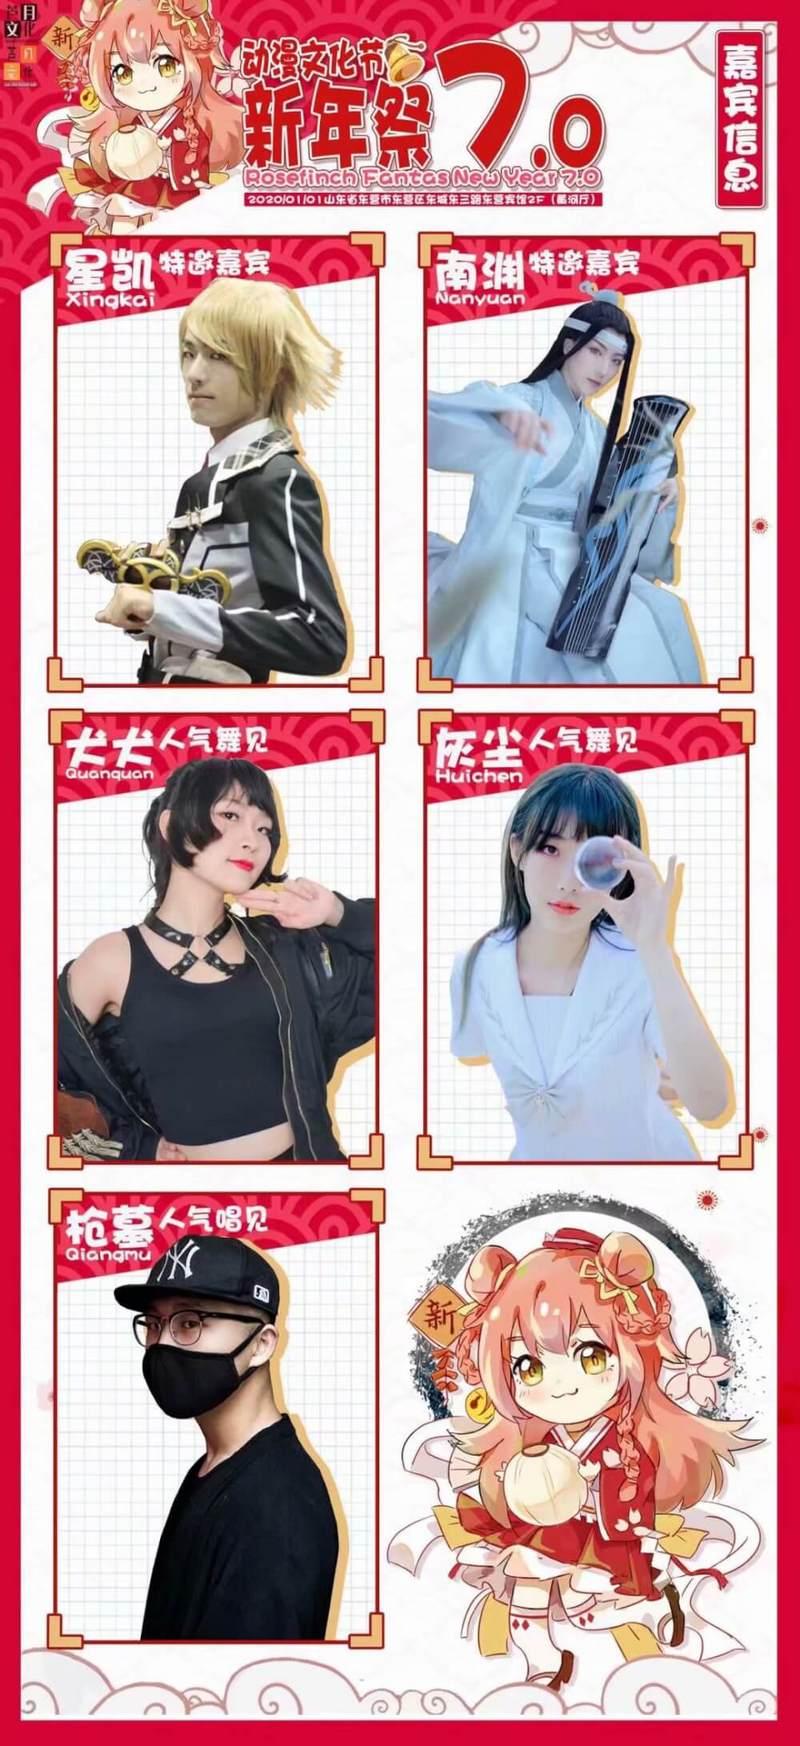 【三宣 】东营RF新年祭7.0现场活动大揭秘-C3动漫网